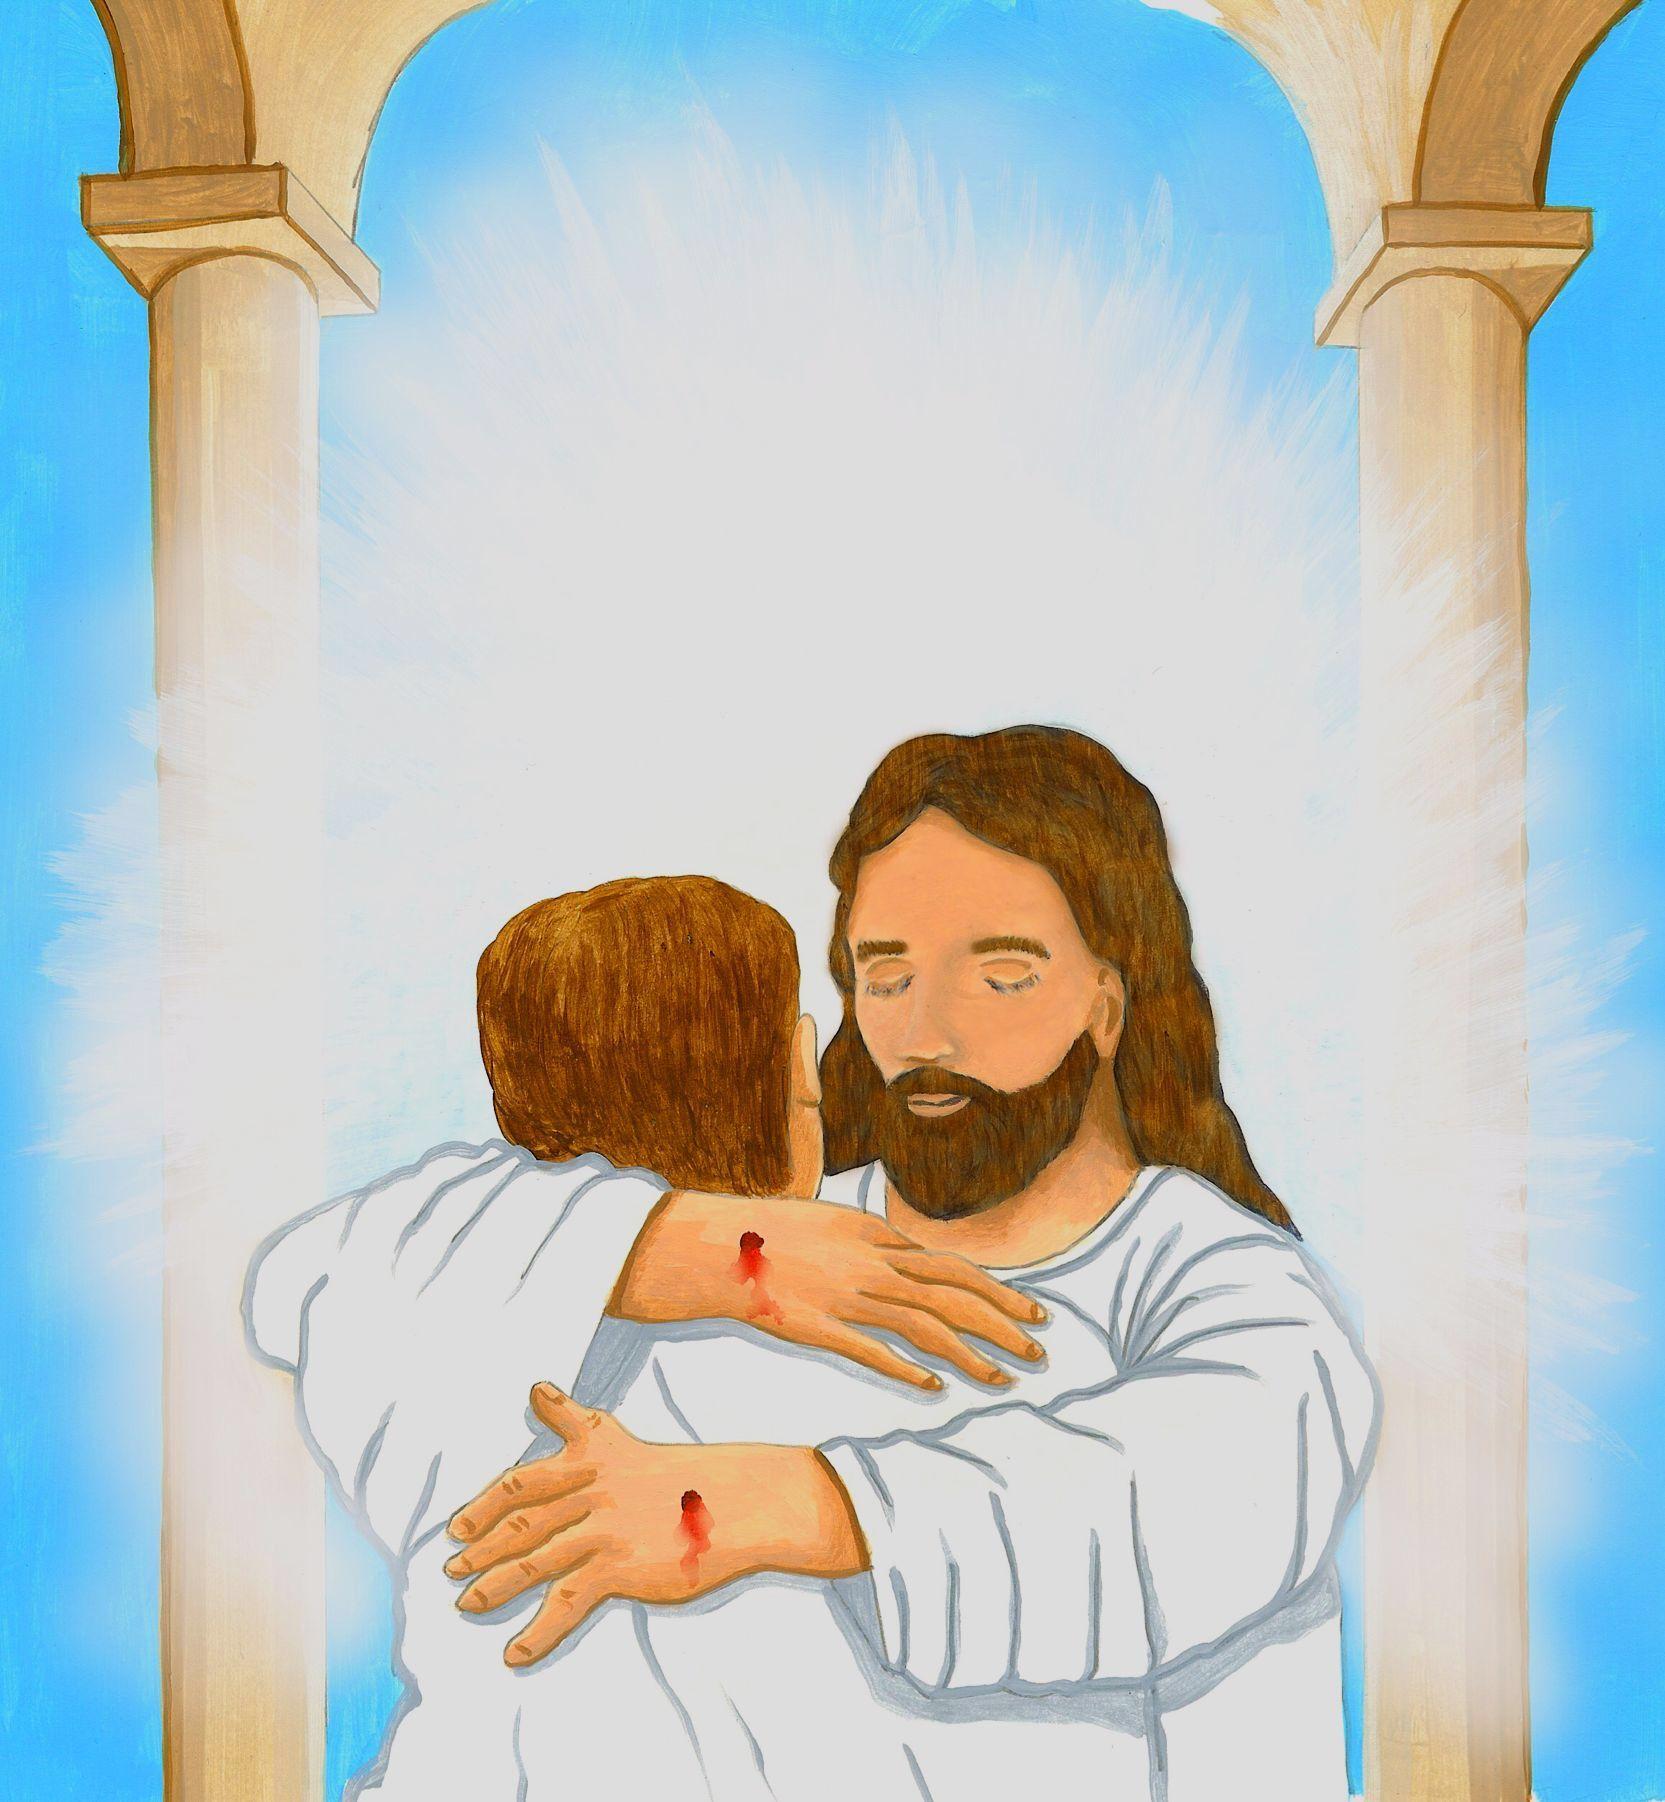 нас можете картинки люблю иисуса чтобы твоя